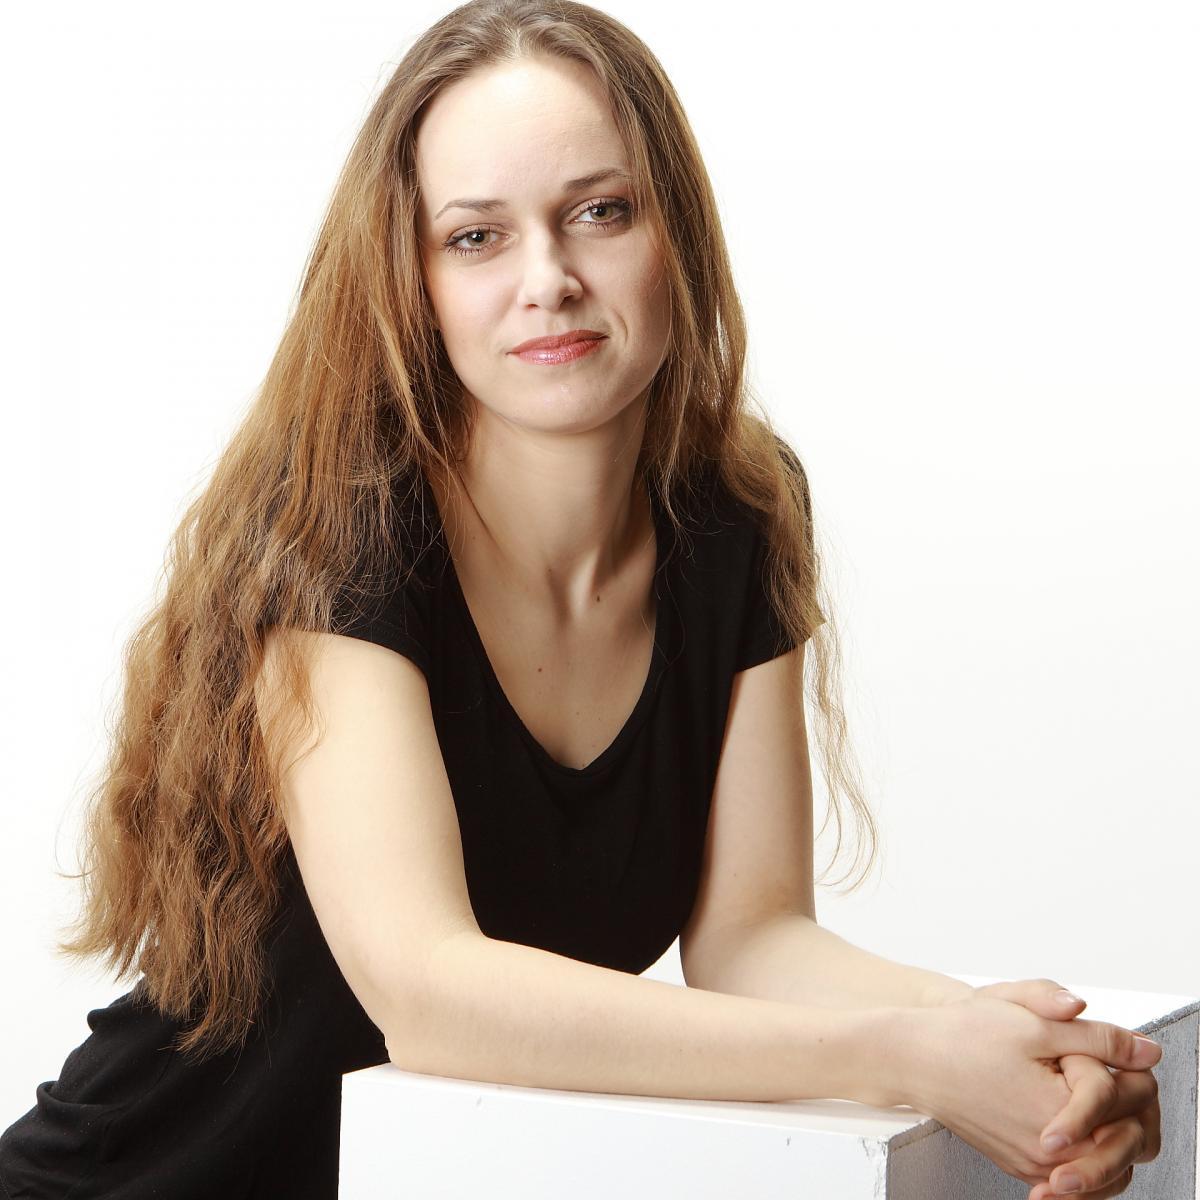 Veselina Kalcheva